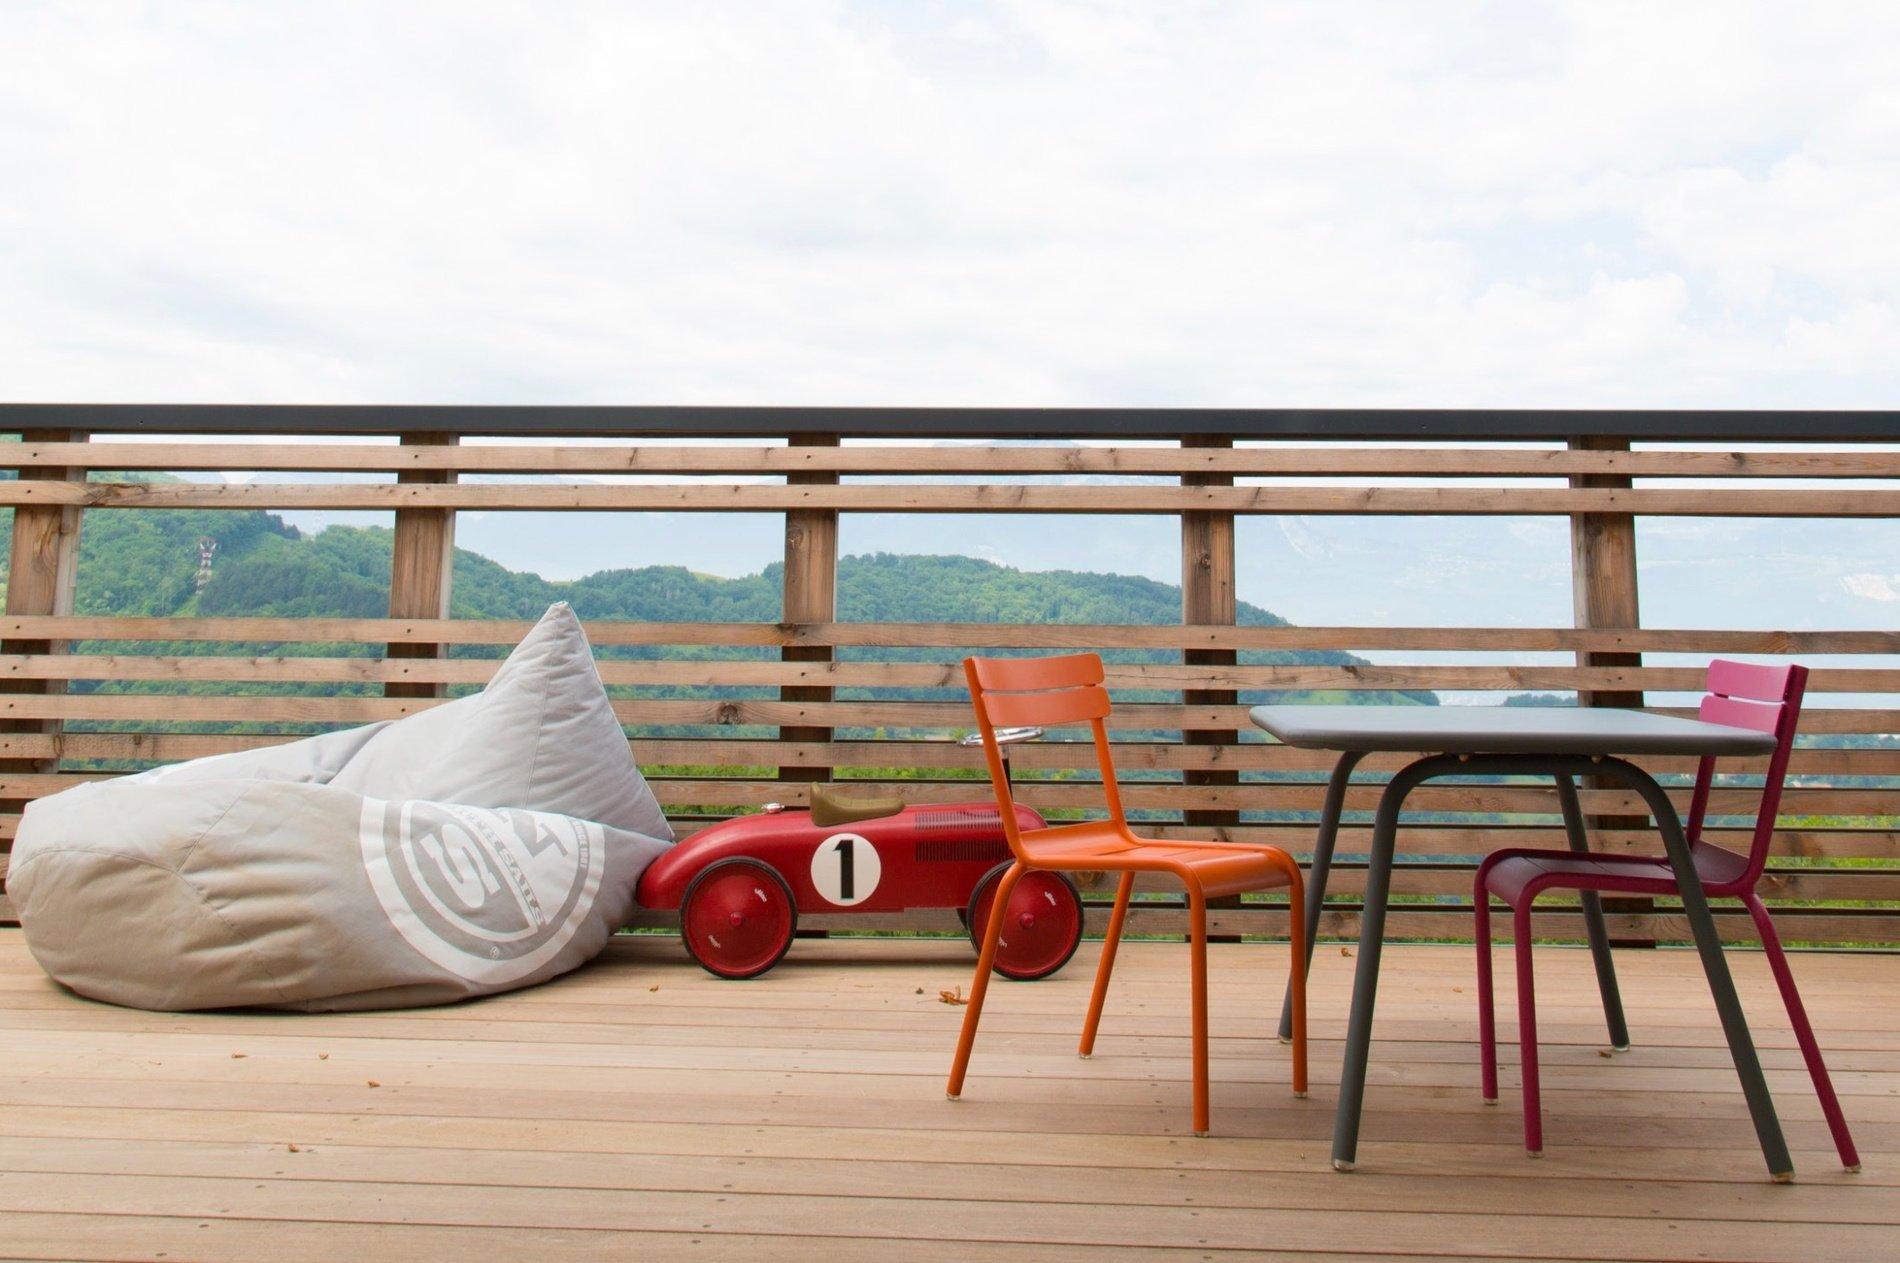 Toiture terrasse : Quelles sont les règles techniques à respecter ?